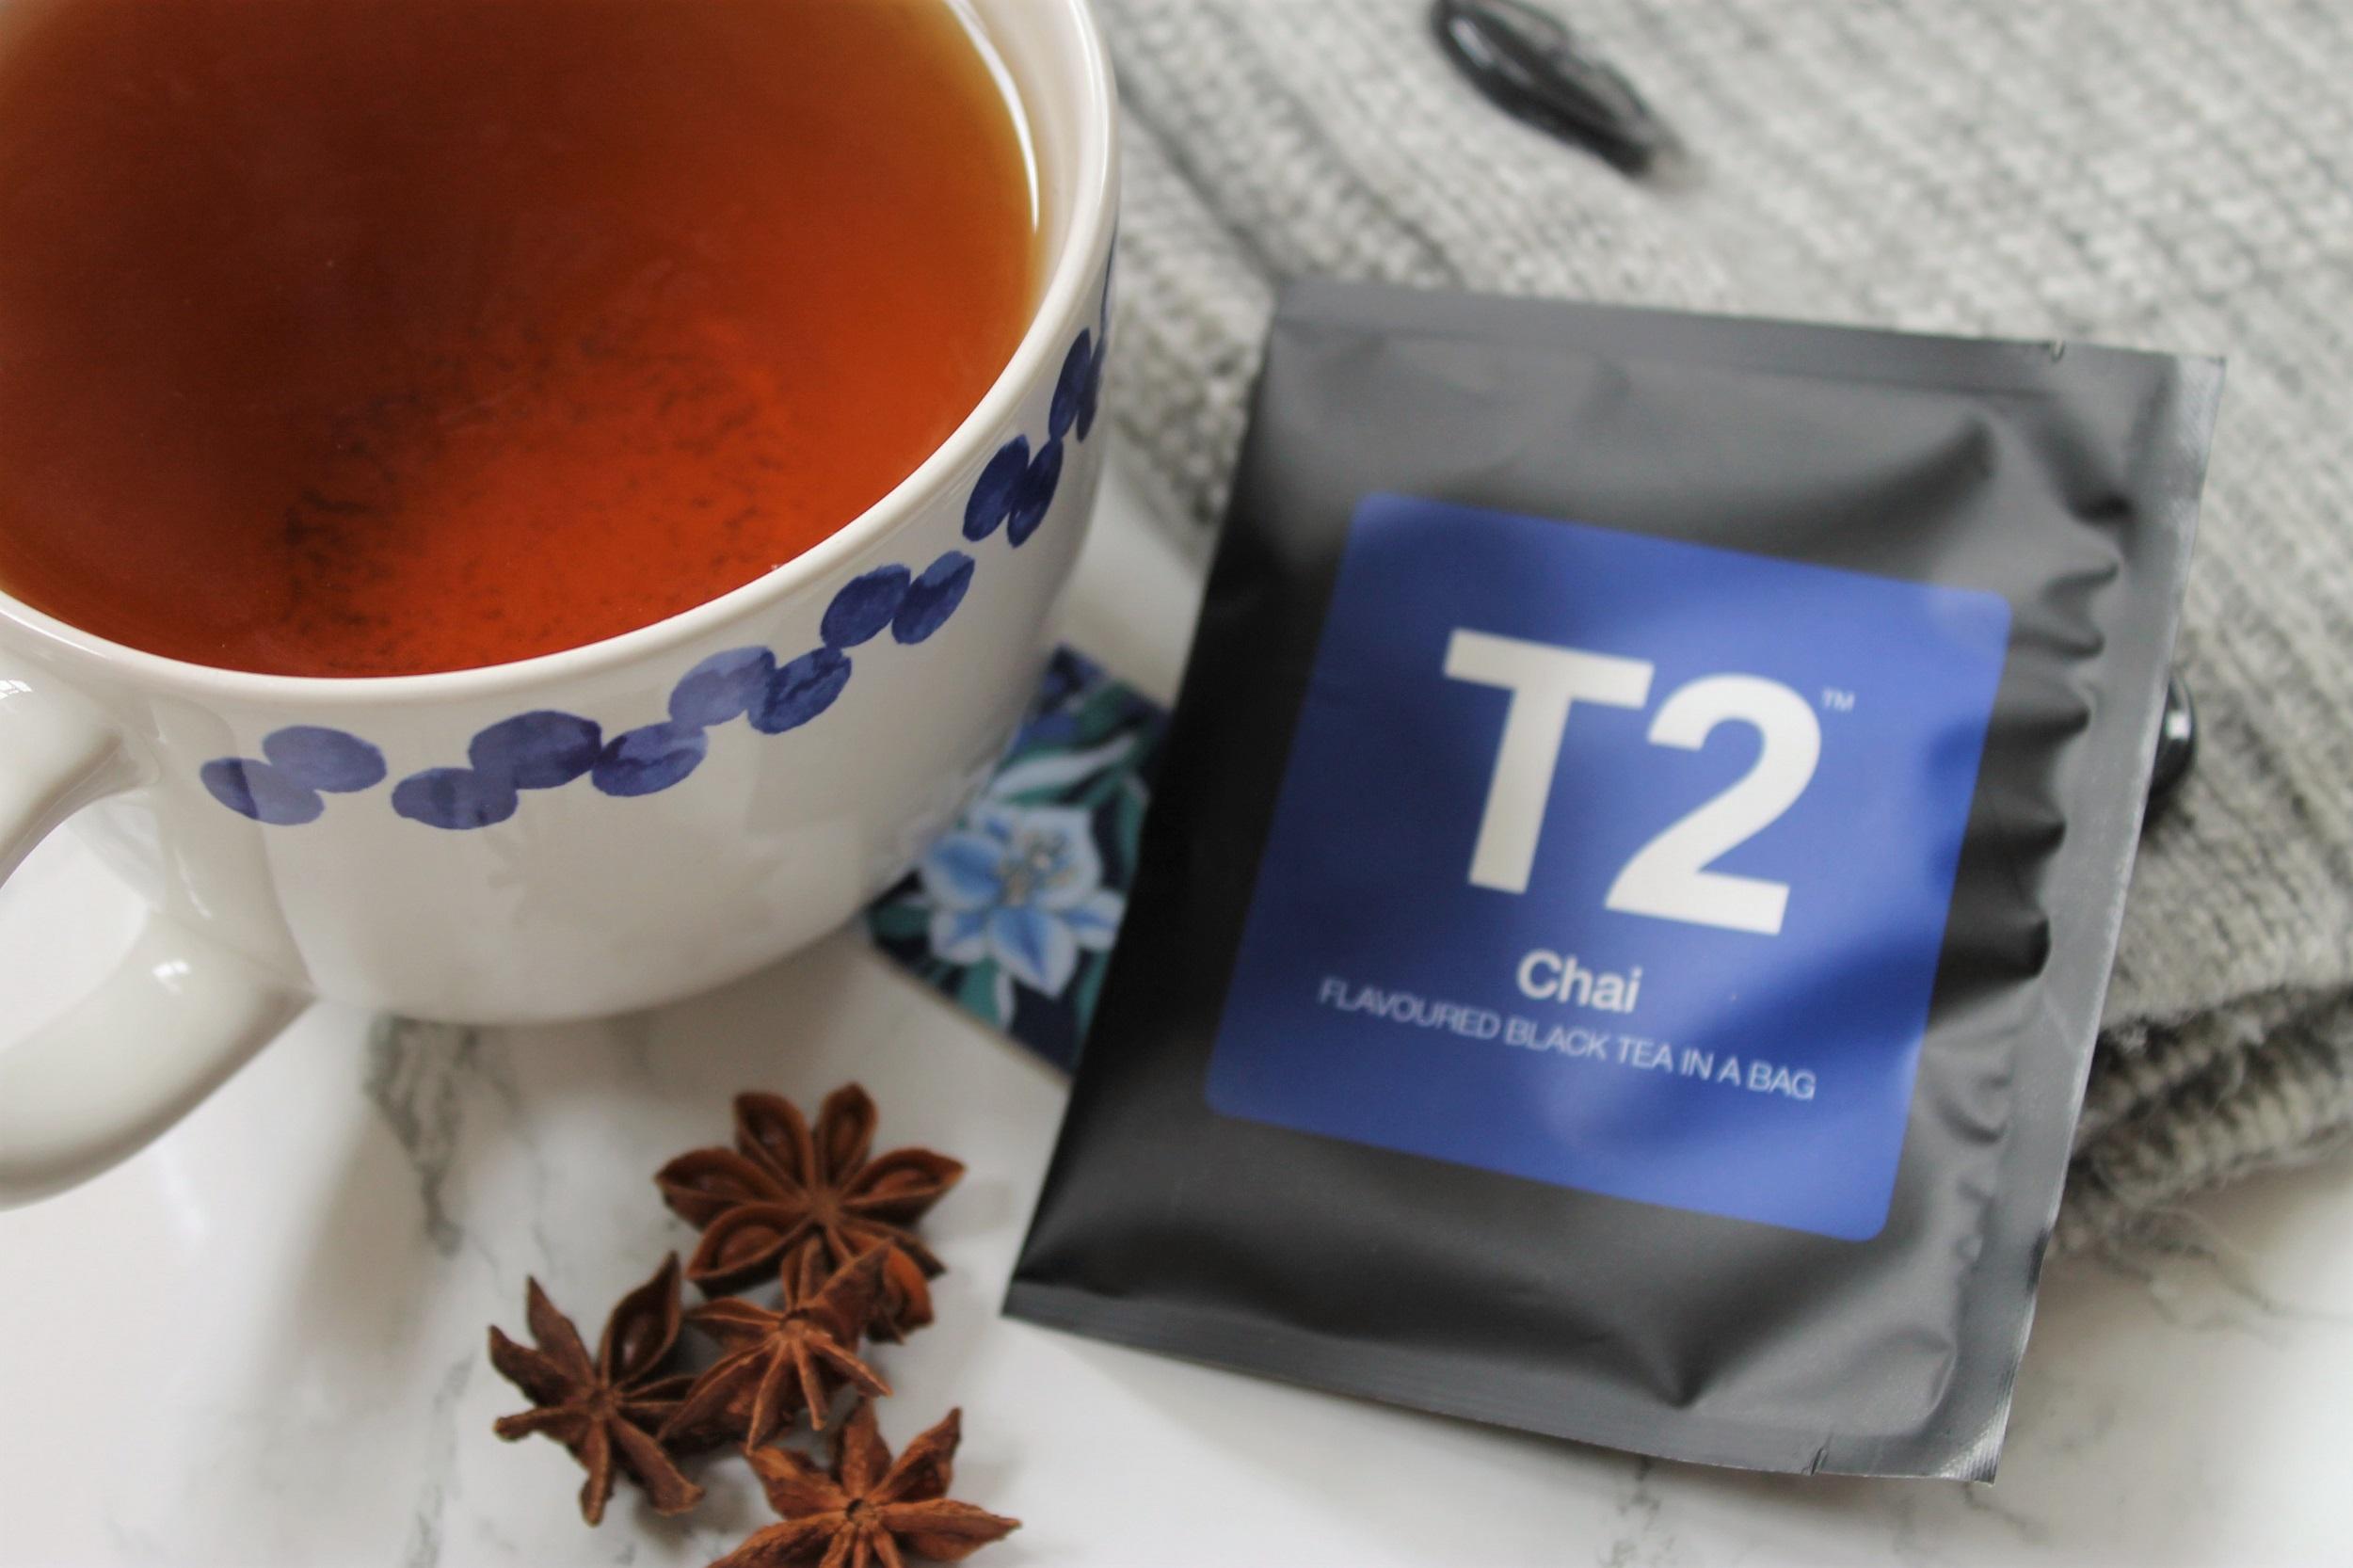 chai tea with star anise